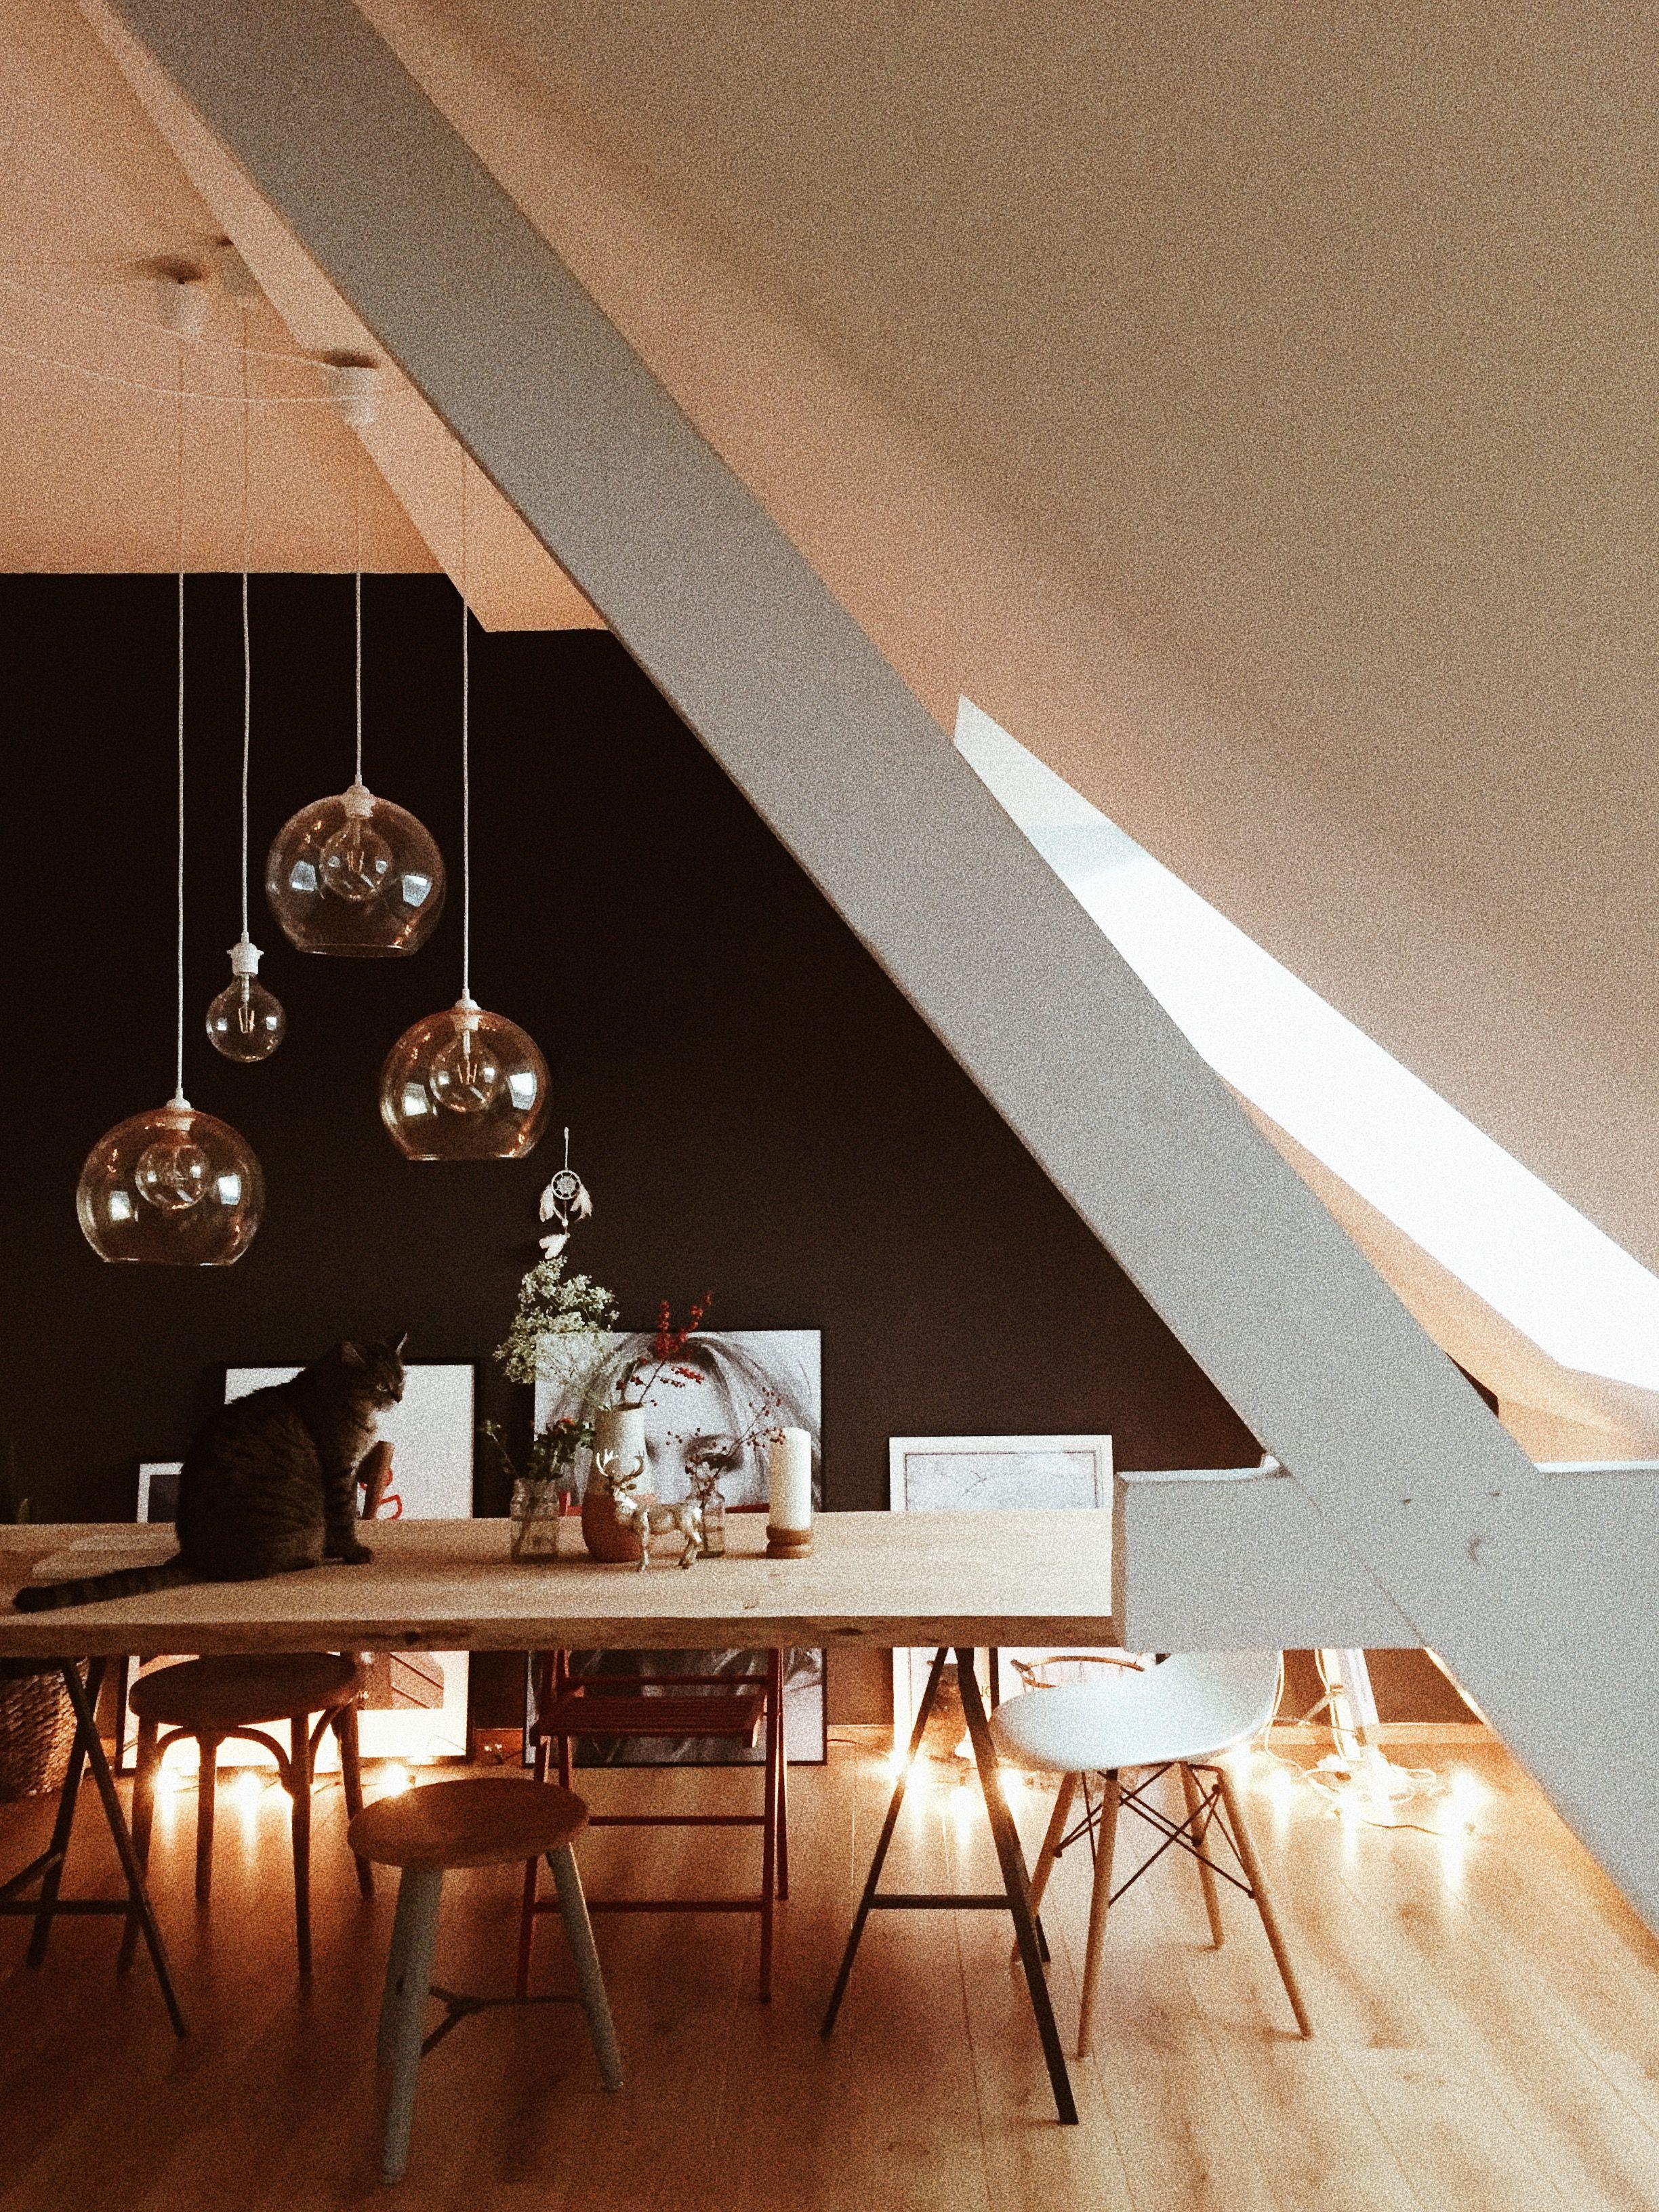 Schlafzimmer Lampe Dachschr臠e